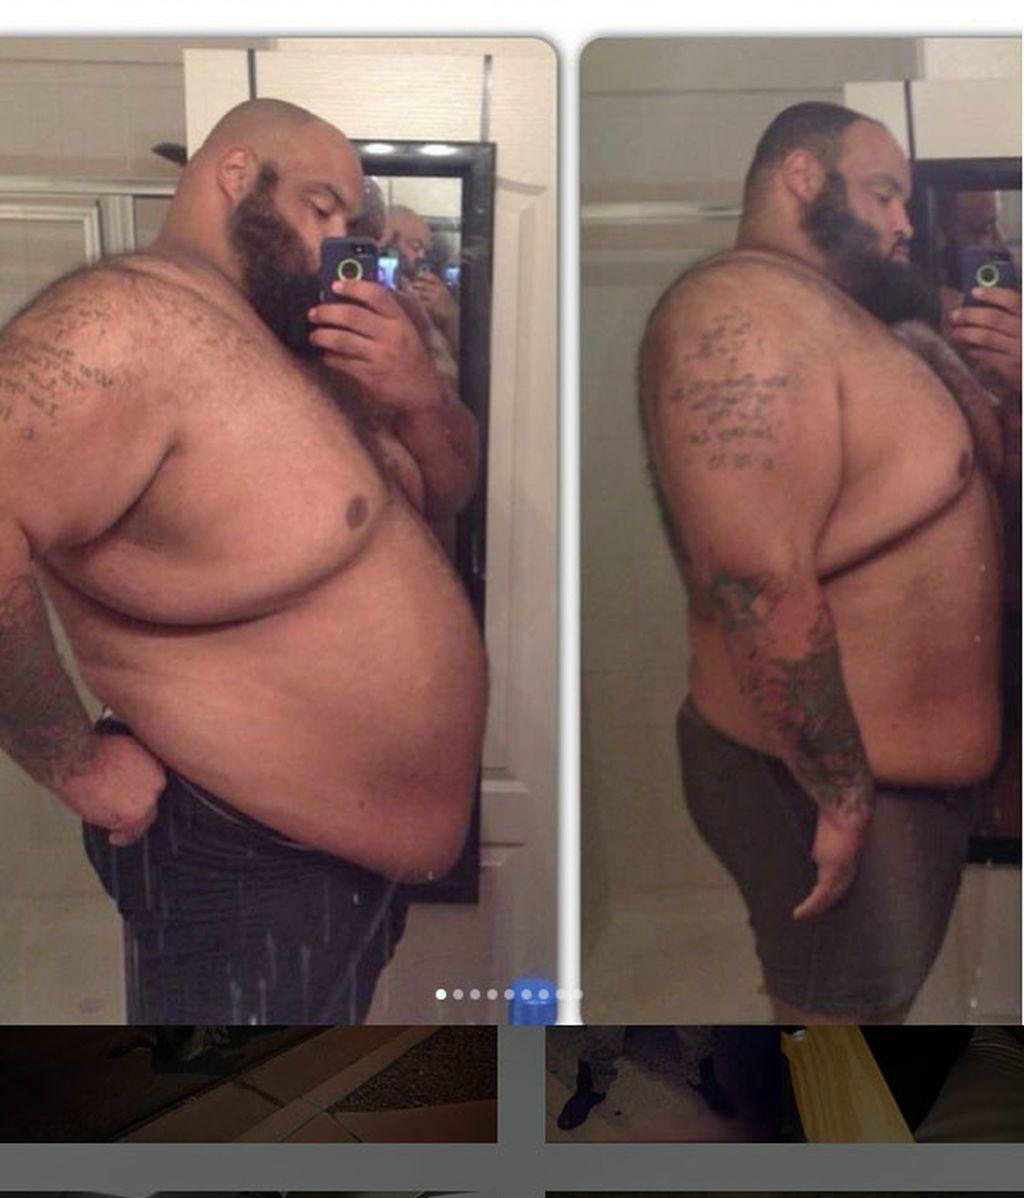 Llegó a pesar 272 kilos... pero no te puedes creer su inrecíble transformación gracias al deporte